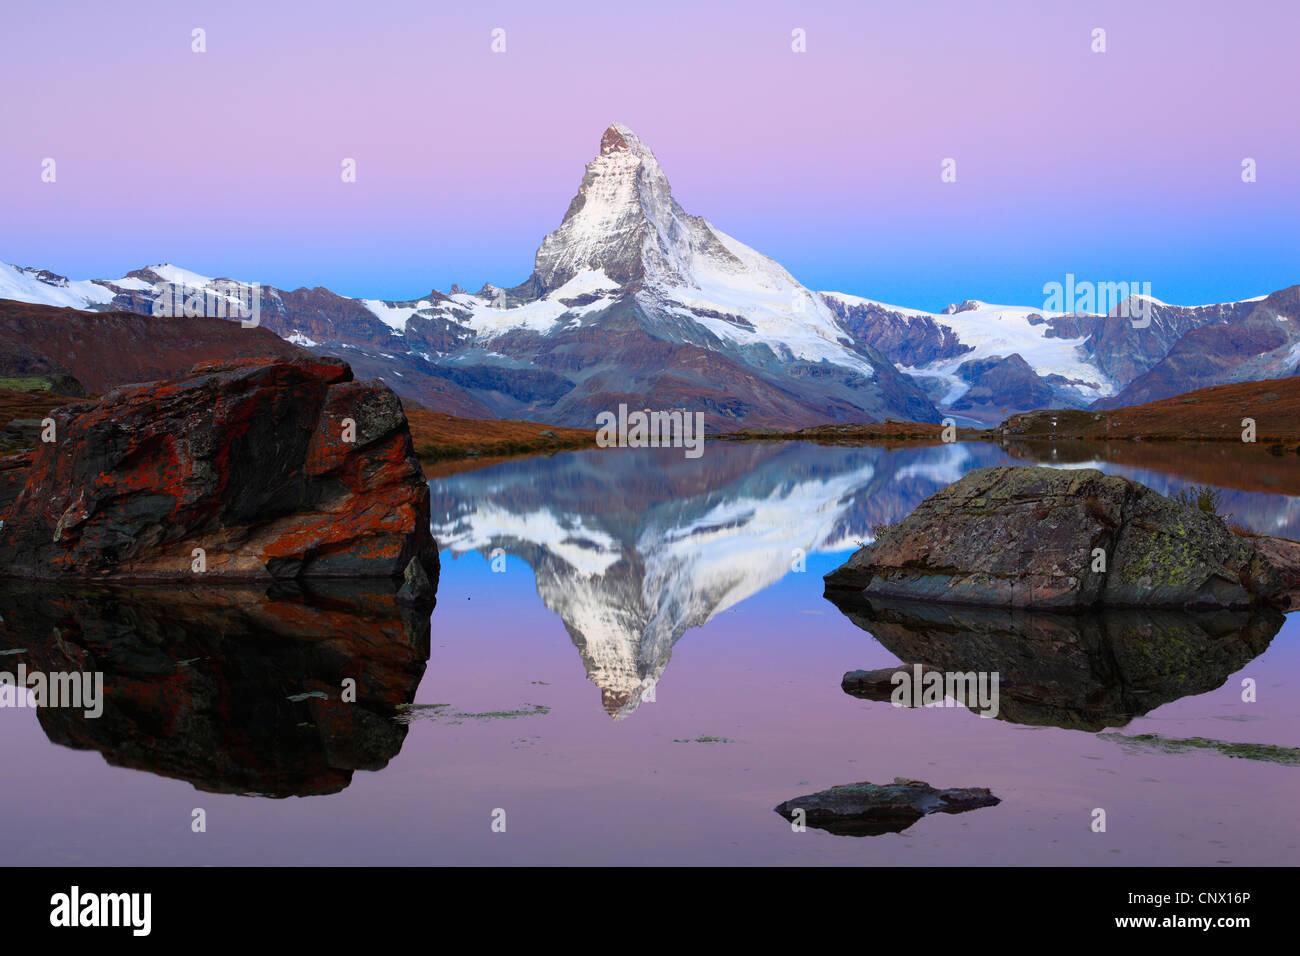 Vista do Matterhorn a partir de um lago de montanha, Suíça, Valais Imagens de Stock